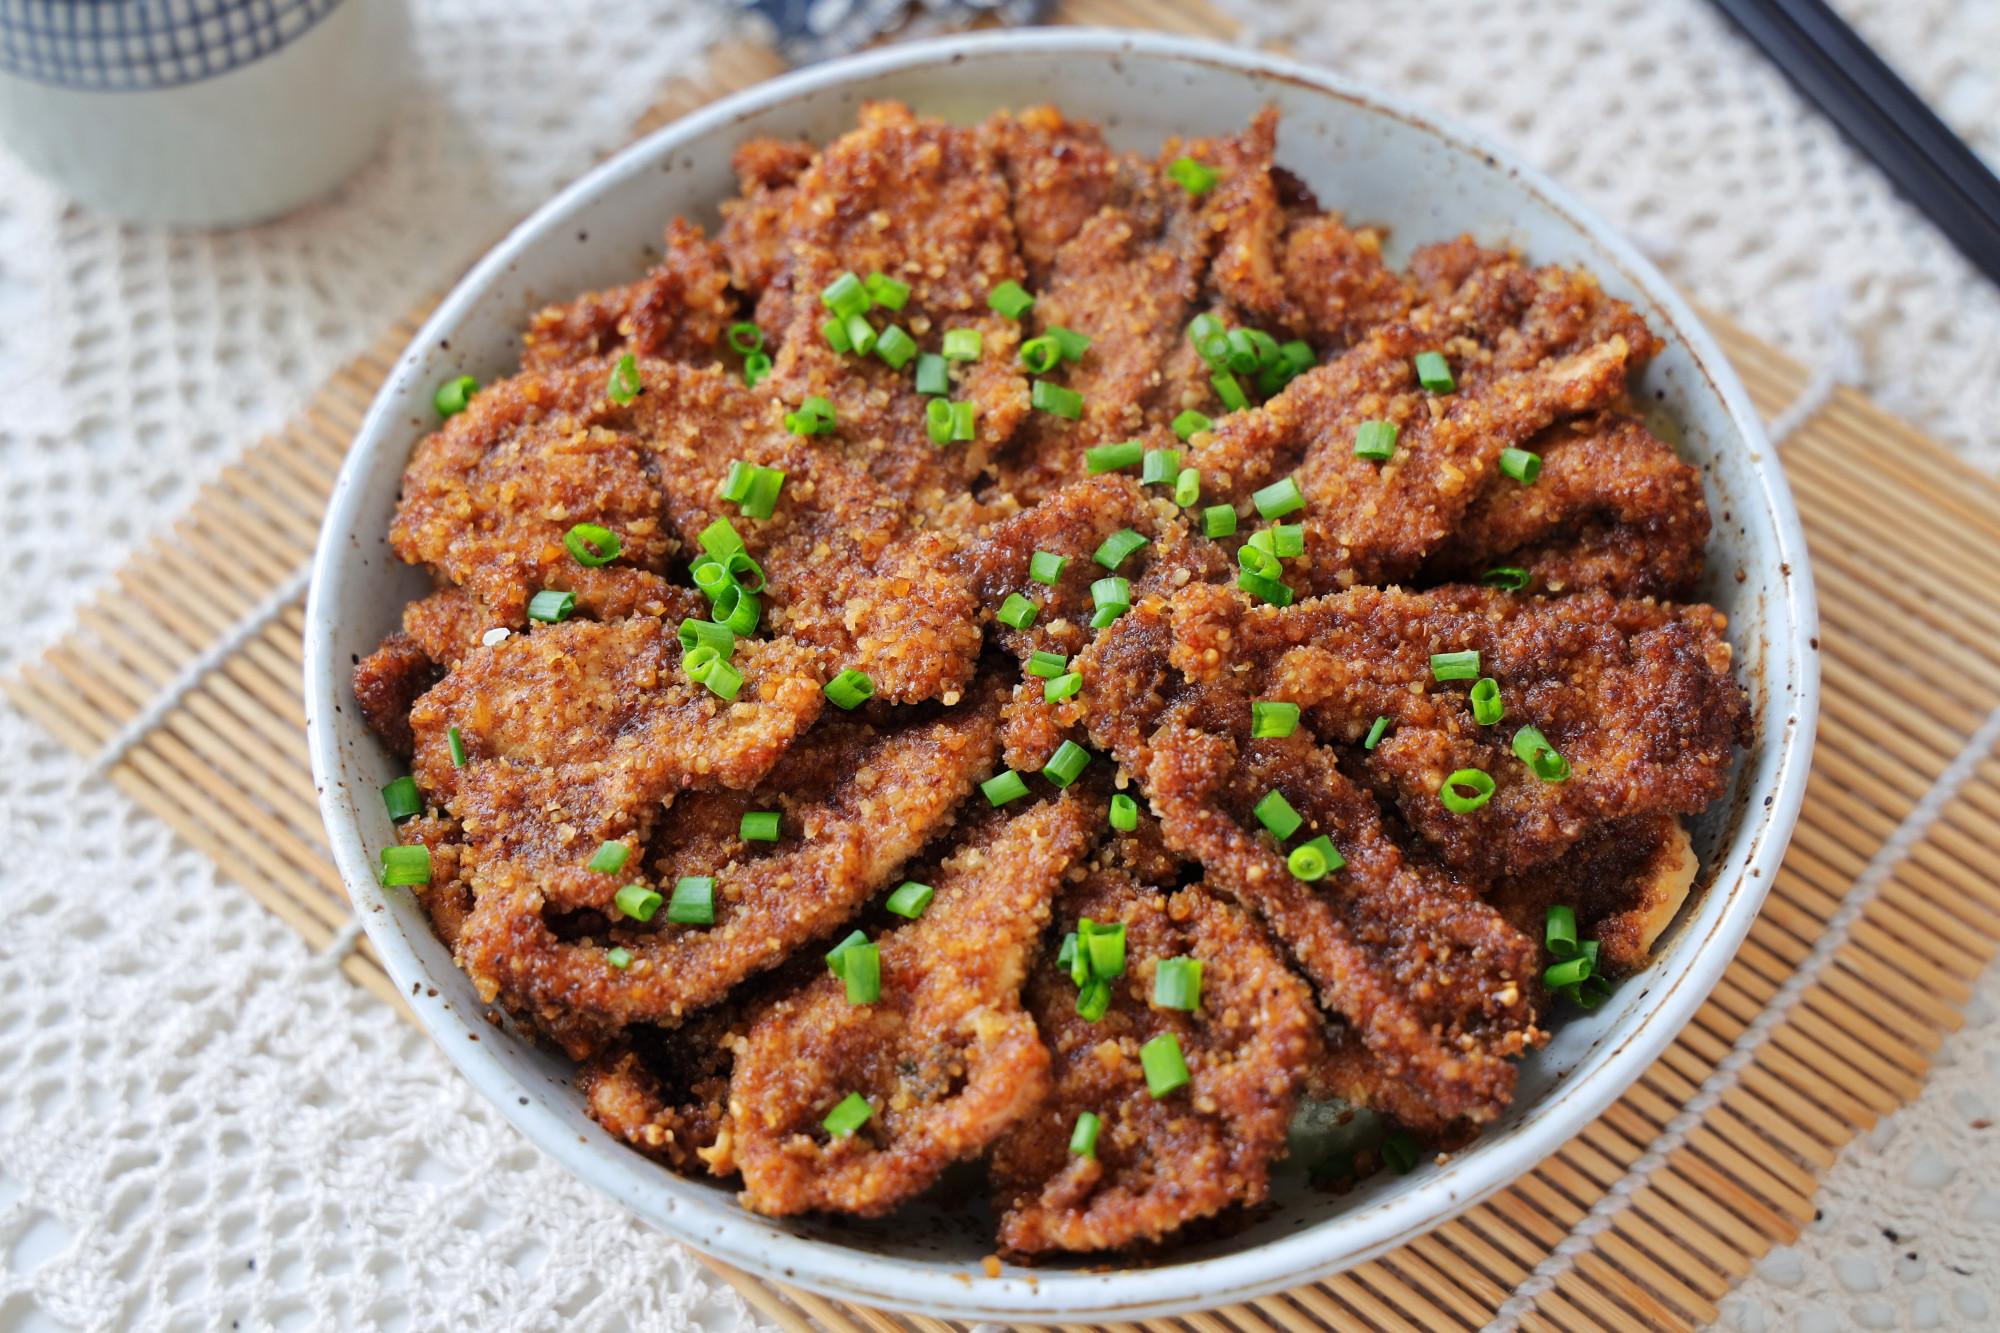 鸡胸肉还可以这样吃,不用一滴油,上锅蒸一蒸健康美味两不误